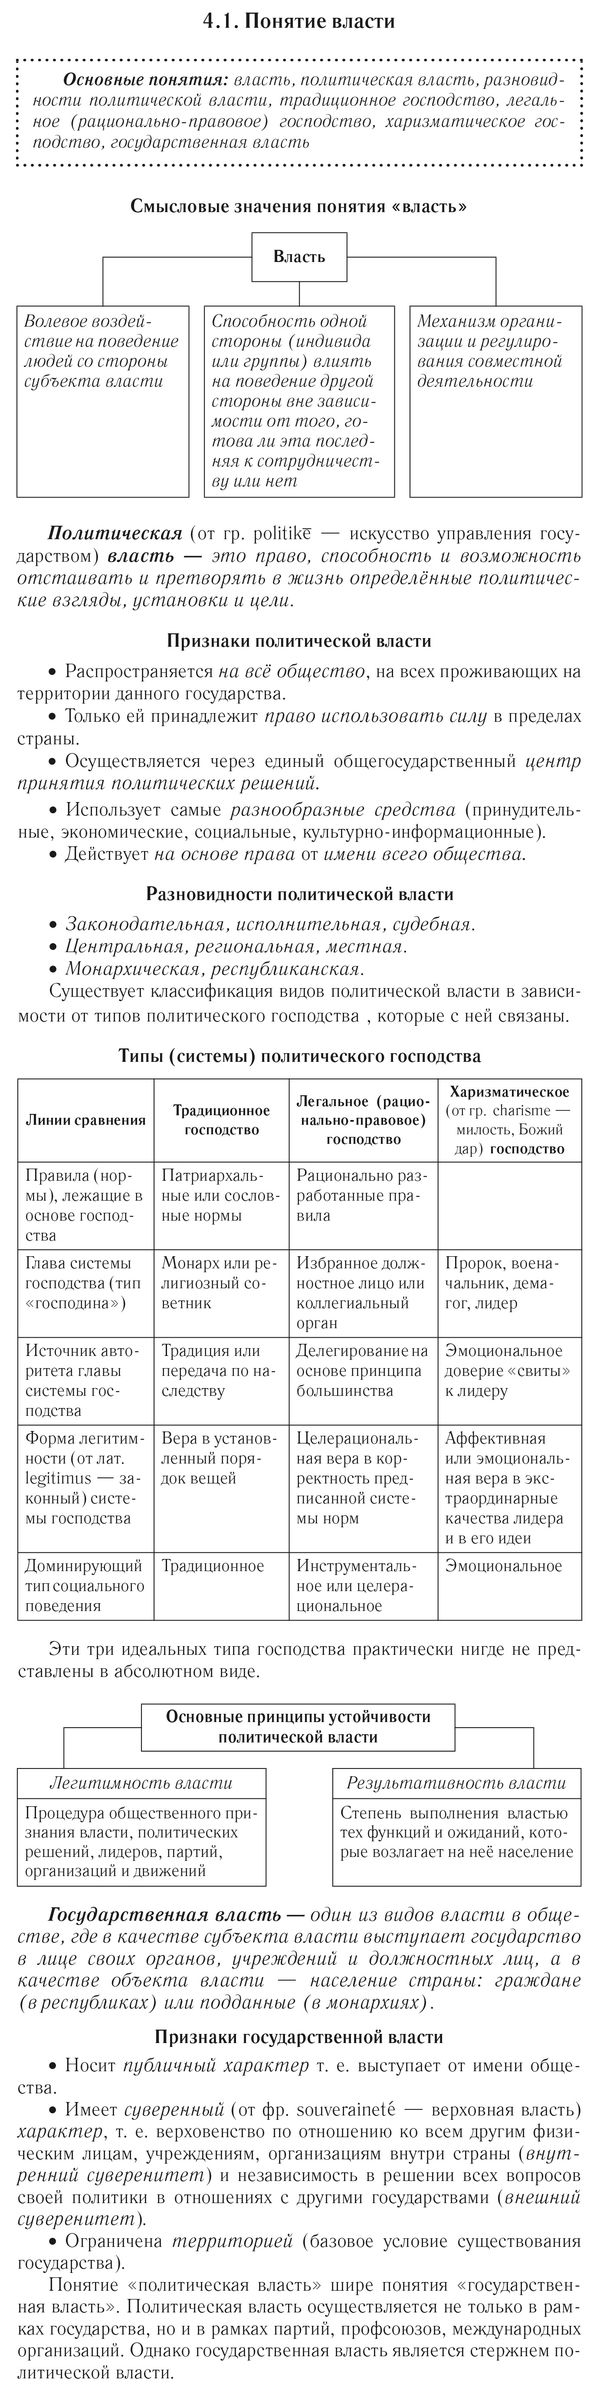 Политика и власть: определение, отличия и классификация